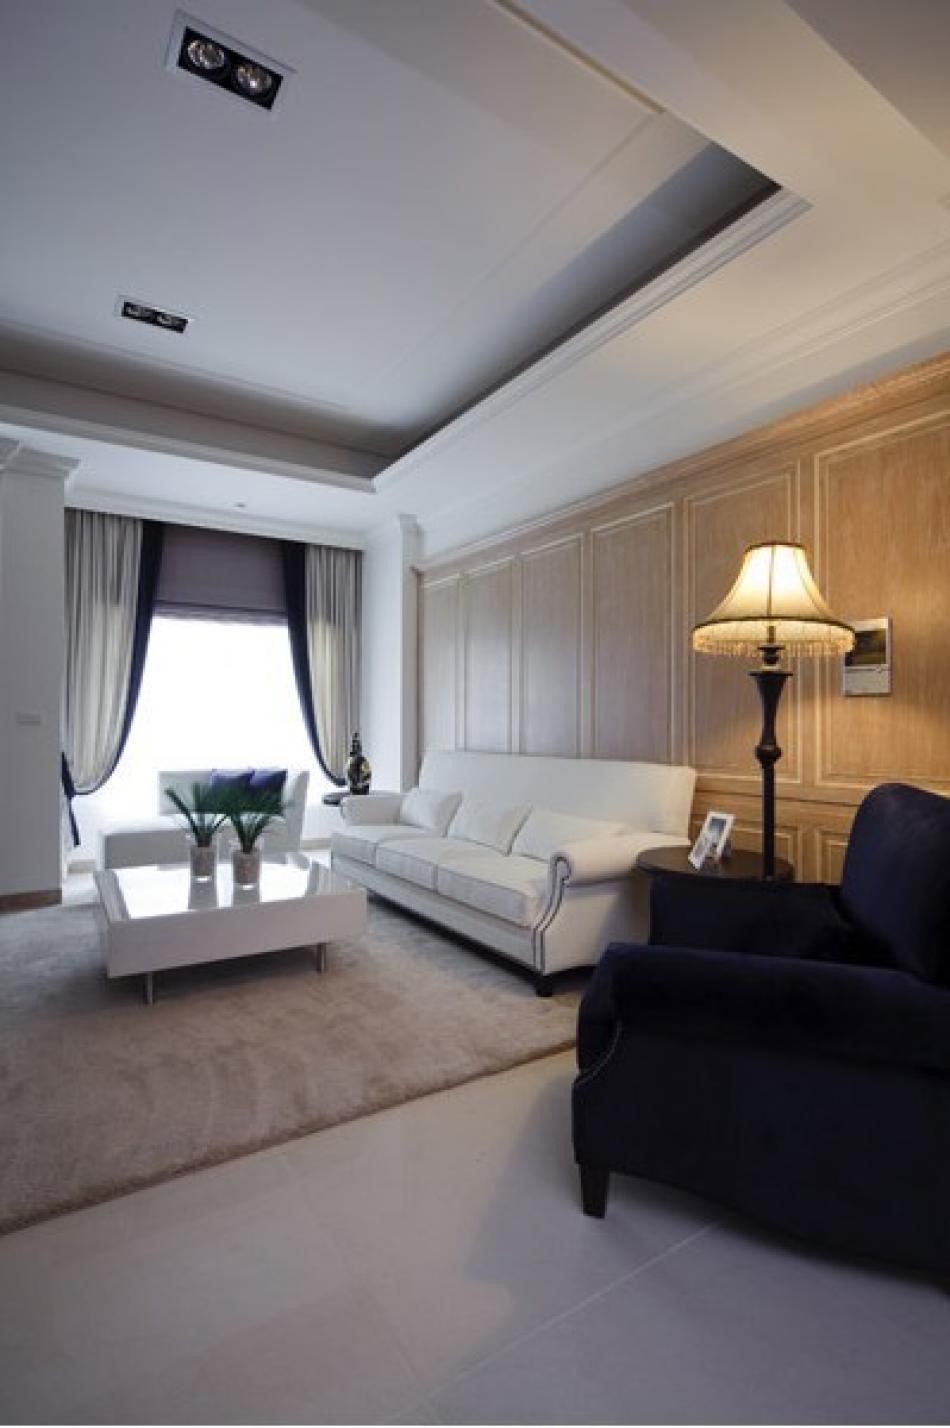 背景墙 房间 家居 酒店 设计 卧室 卧室装修 现代 装修 950_1428 竖版图片